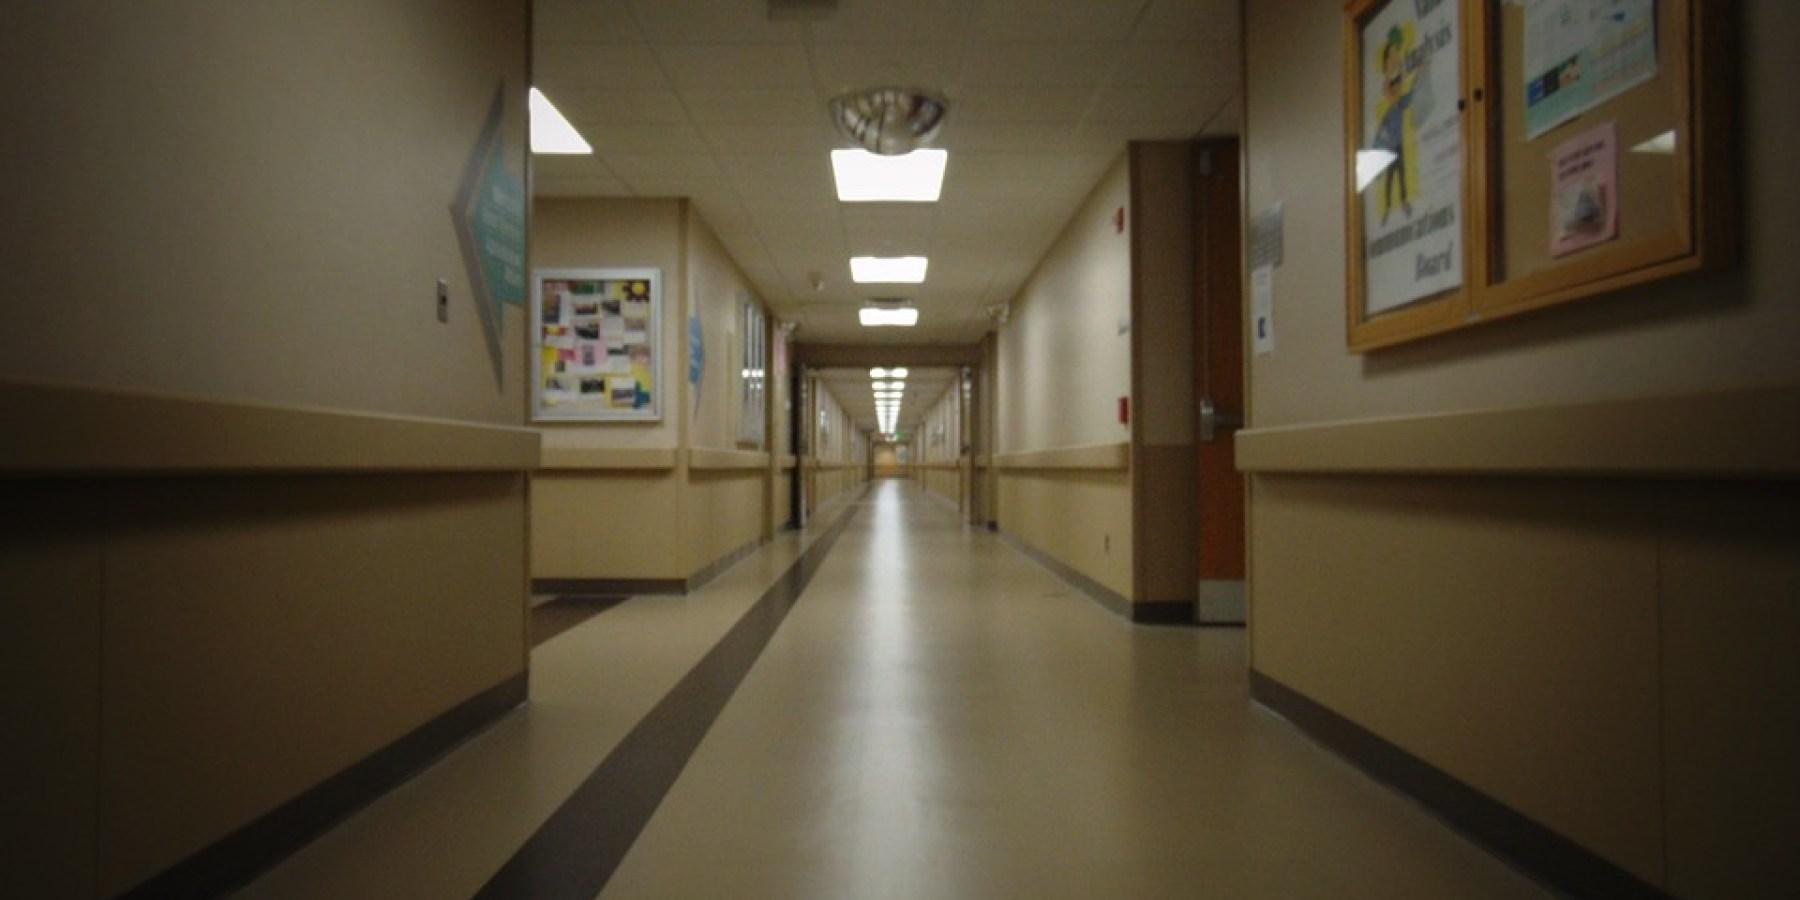 30-Jähriger in psychiatrischer Klinik untergebracht